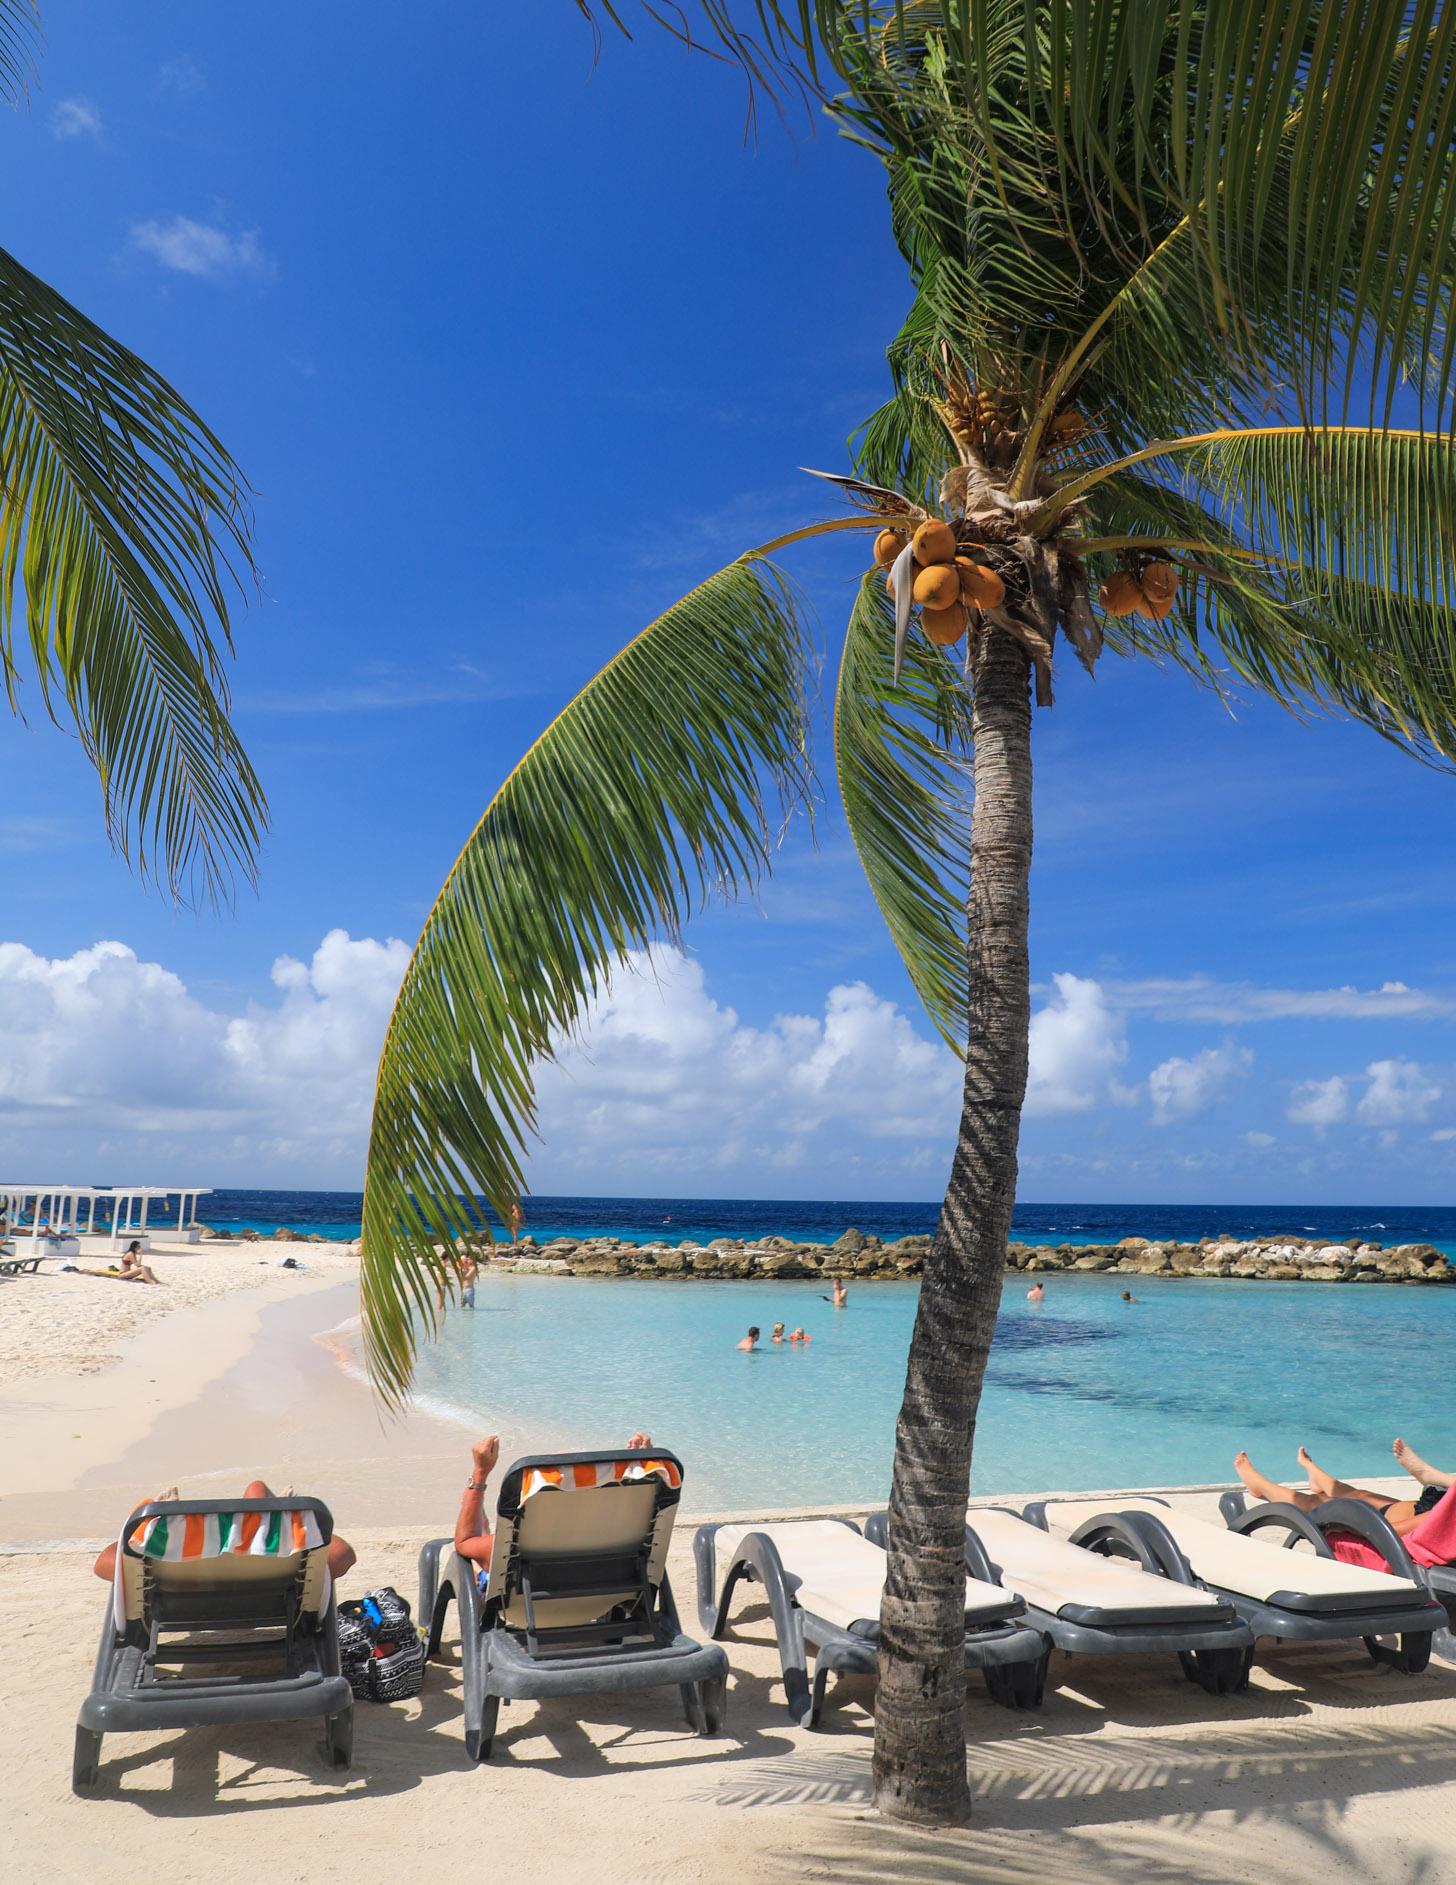 Heerlijk ontspannen tijdens je vakantie op Curacao.